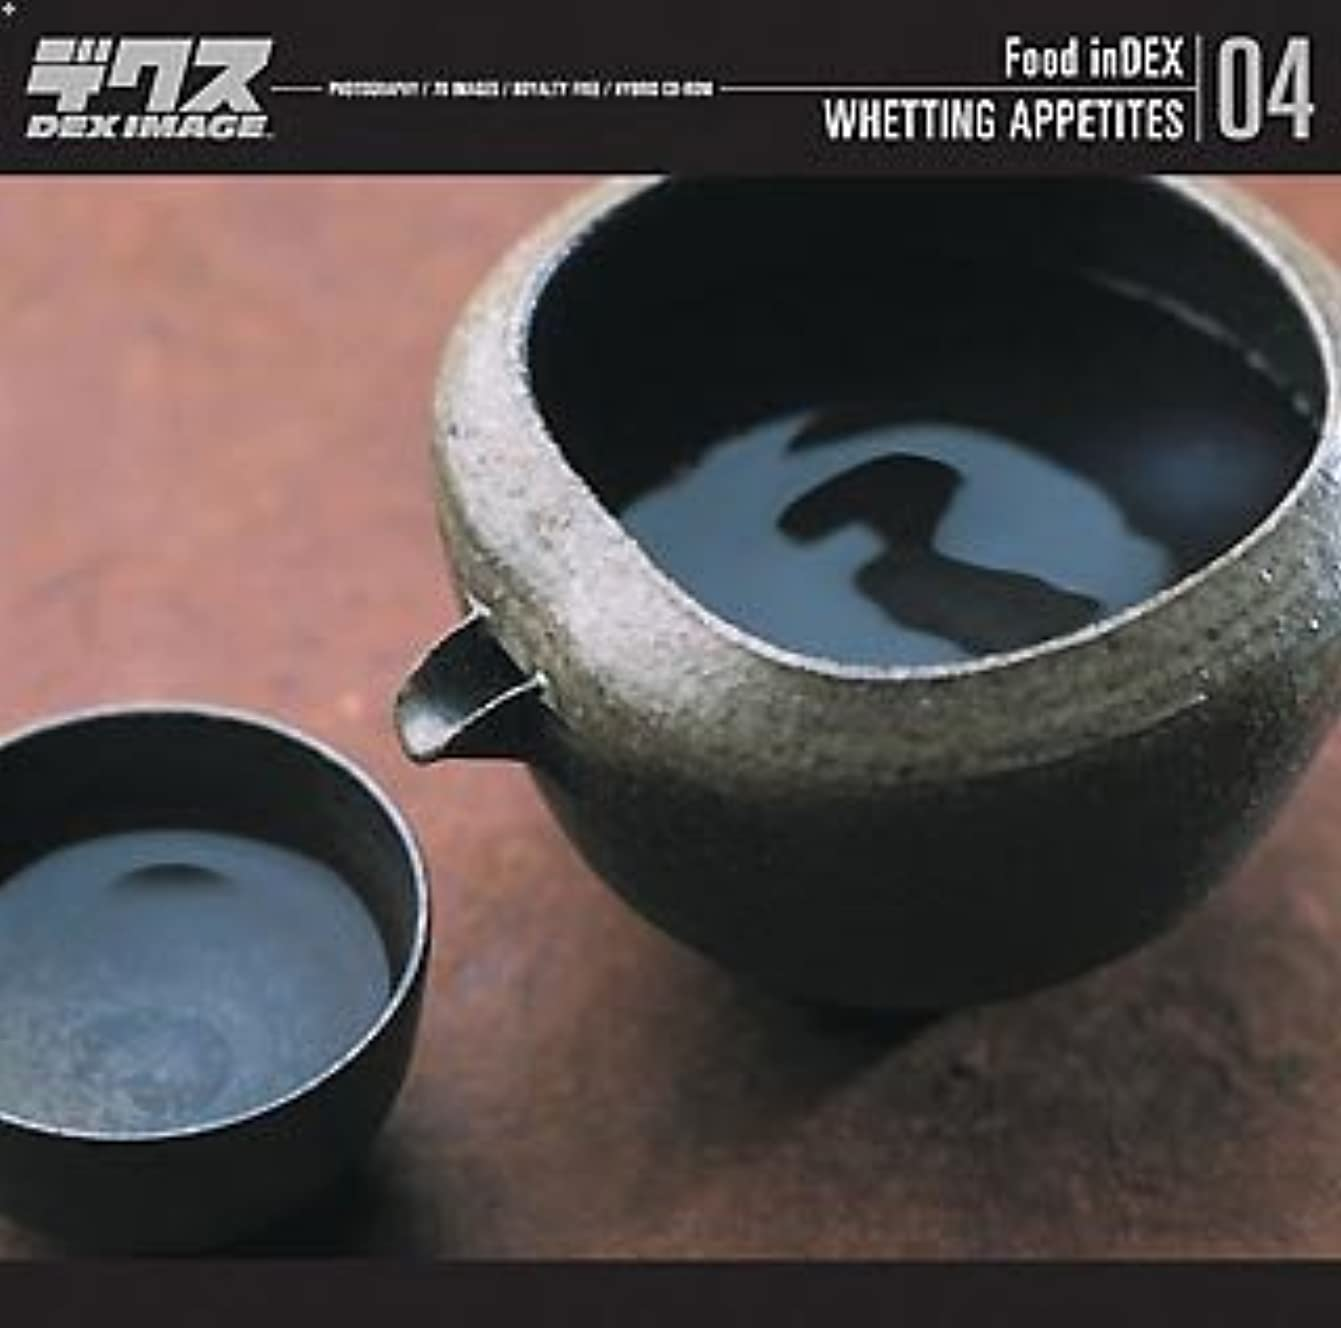 バルコニー櫛失態Food inDEX Vol.4 Whetting Appetites